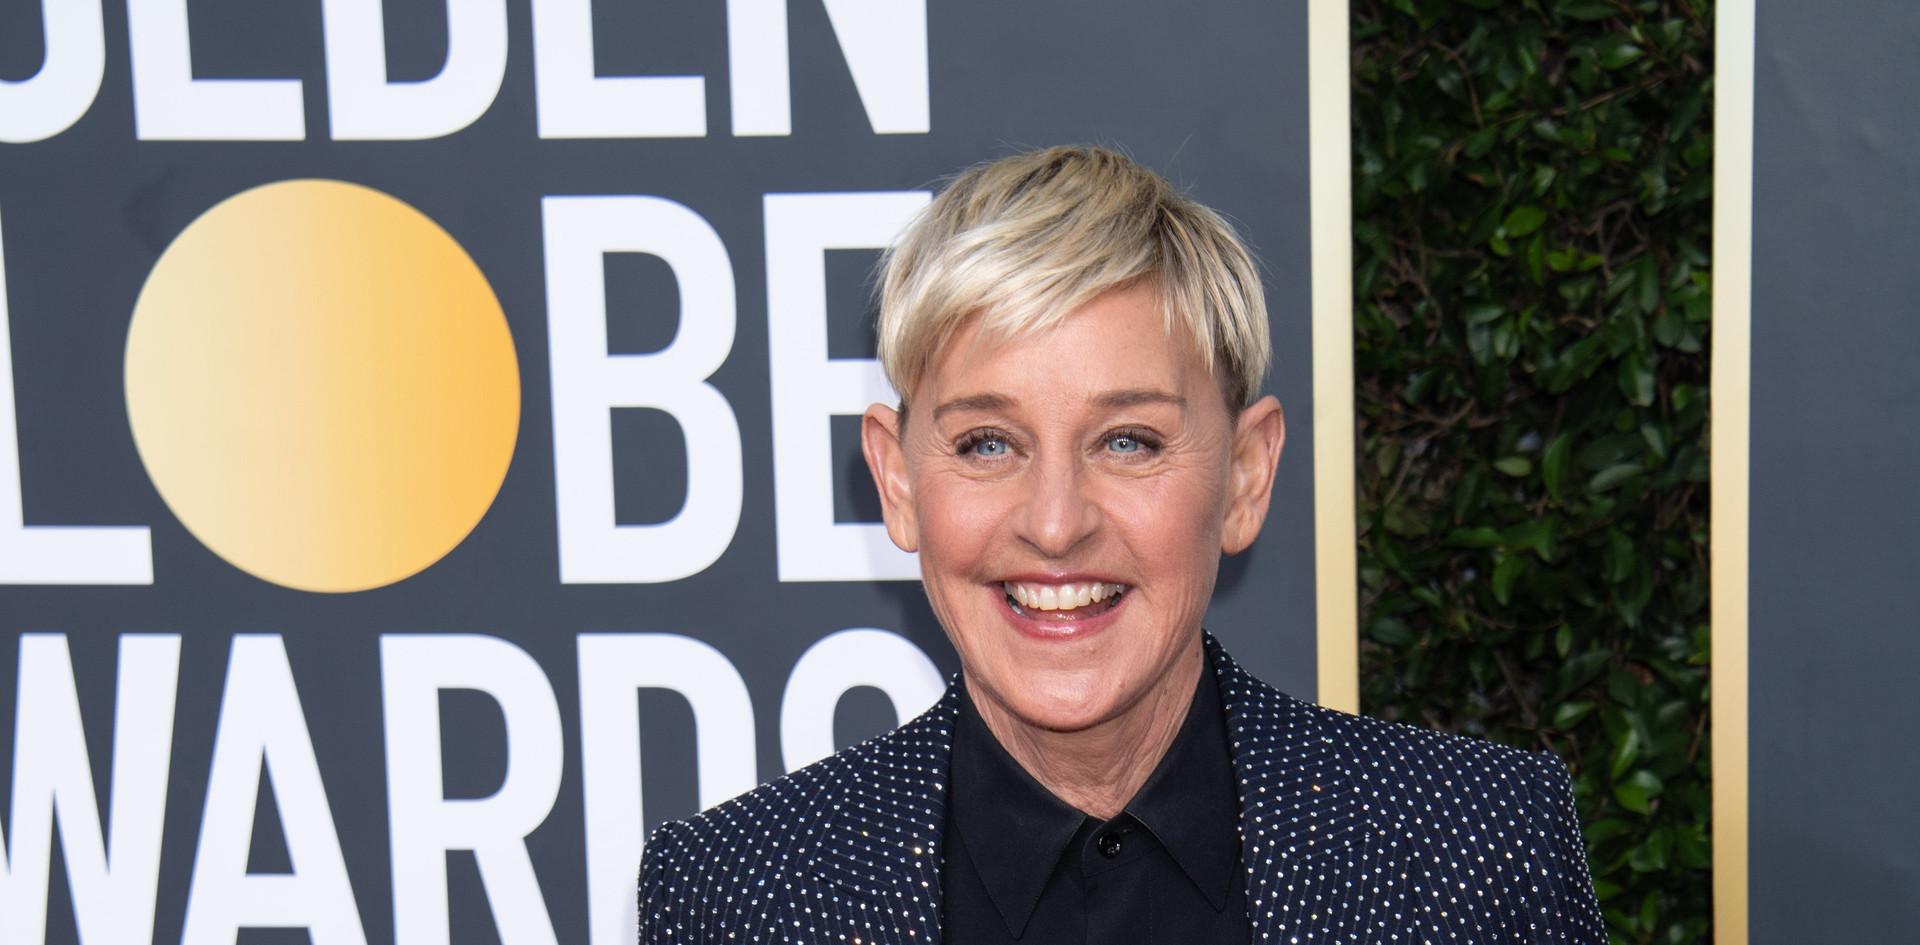 Ellen DeGeneres ganhou o  Carol Burnett Award, o qual homenageia notáveis da Televisão com um fato de calças Celine by Hedi Slimane e jóias de  Anita Ko na passadeira vermelha do 77th Annual Golden Globe Awards, no Beverly Hilton em Beverly Hills, CA.